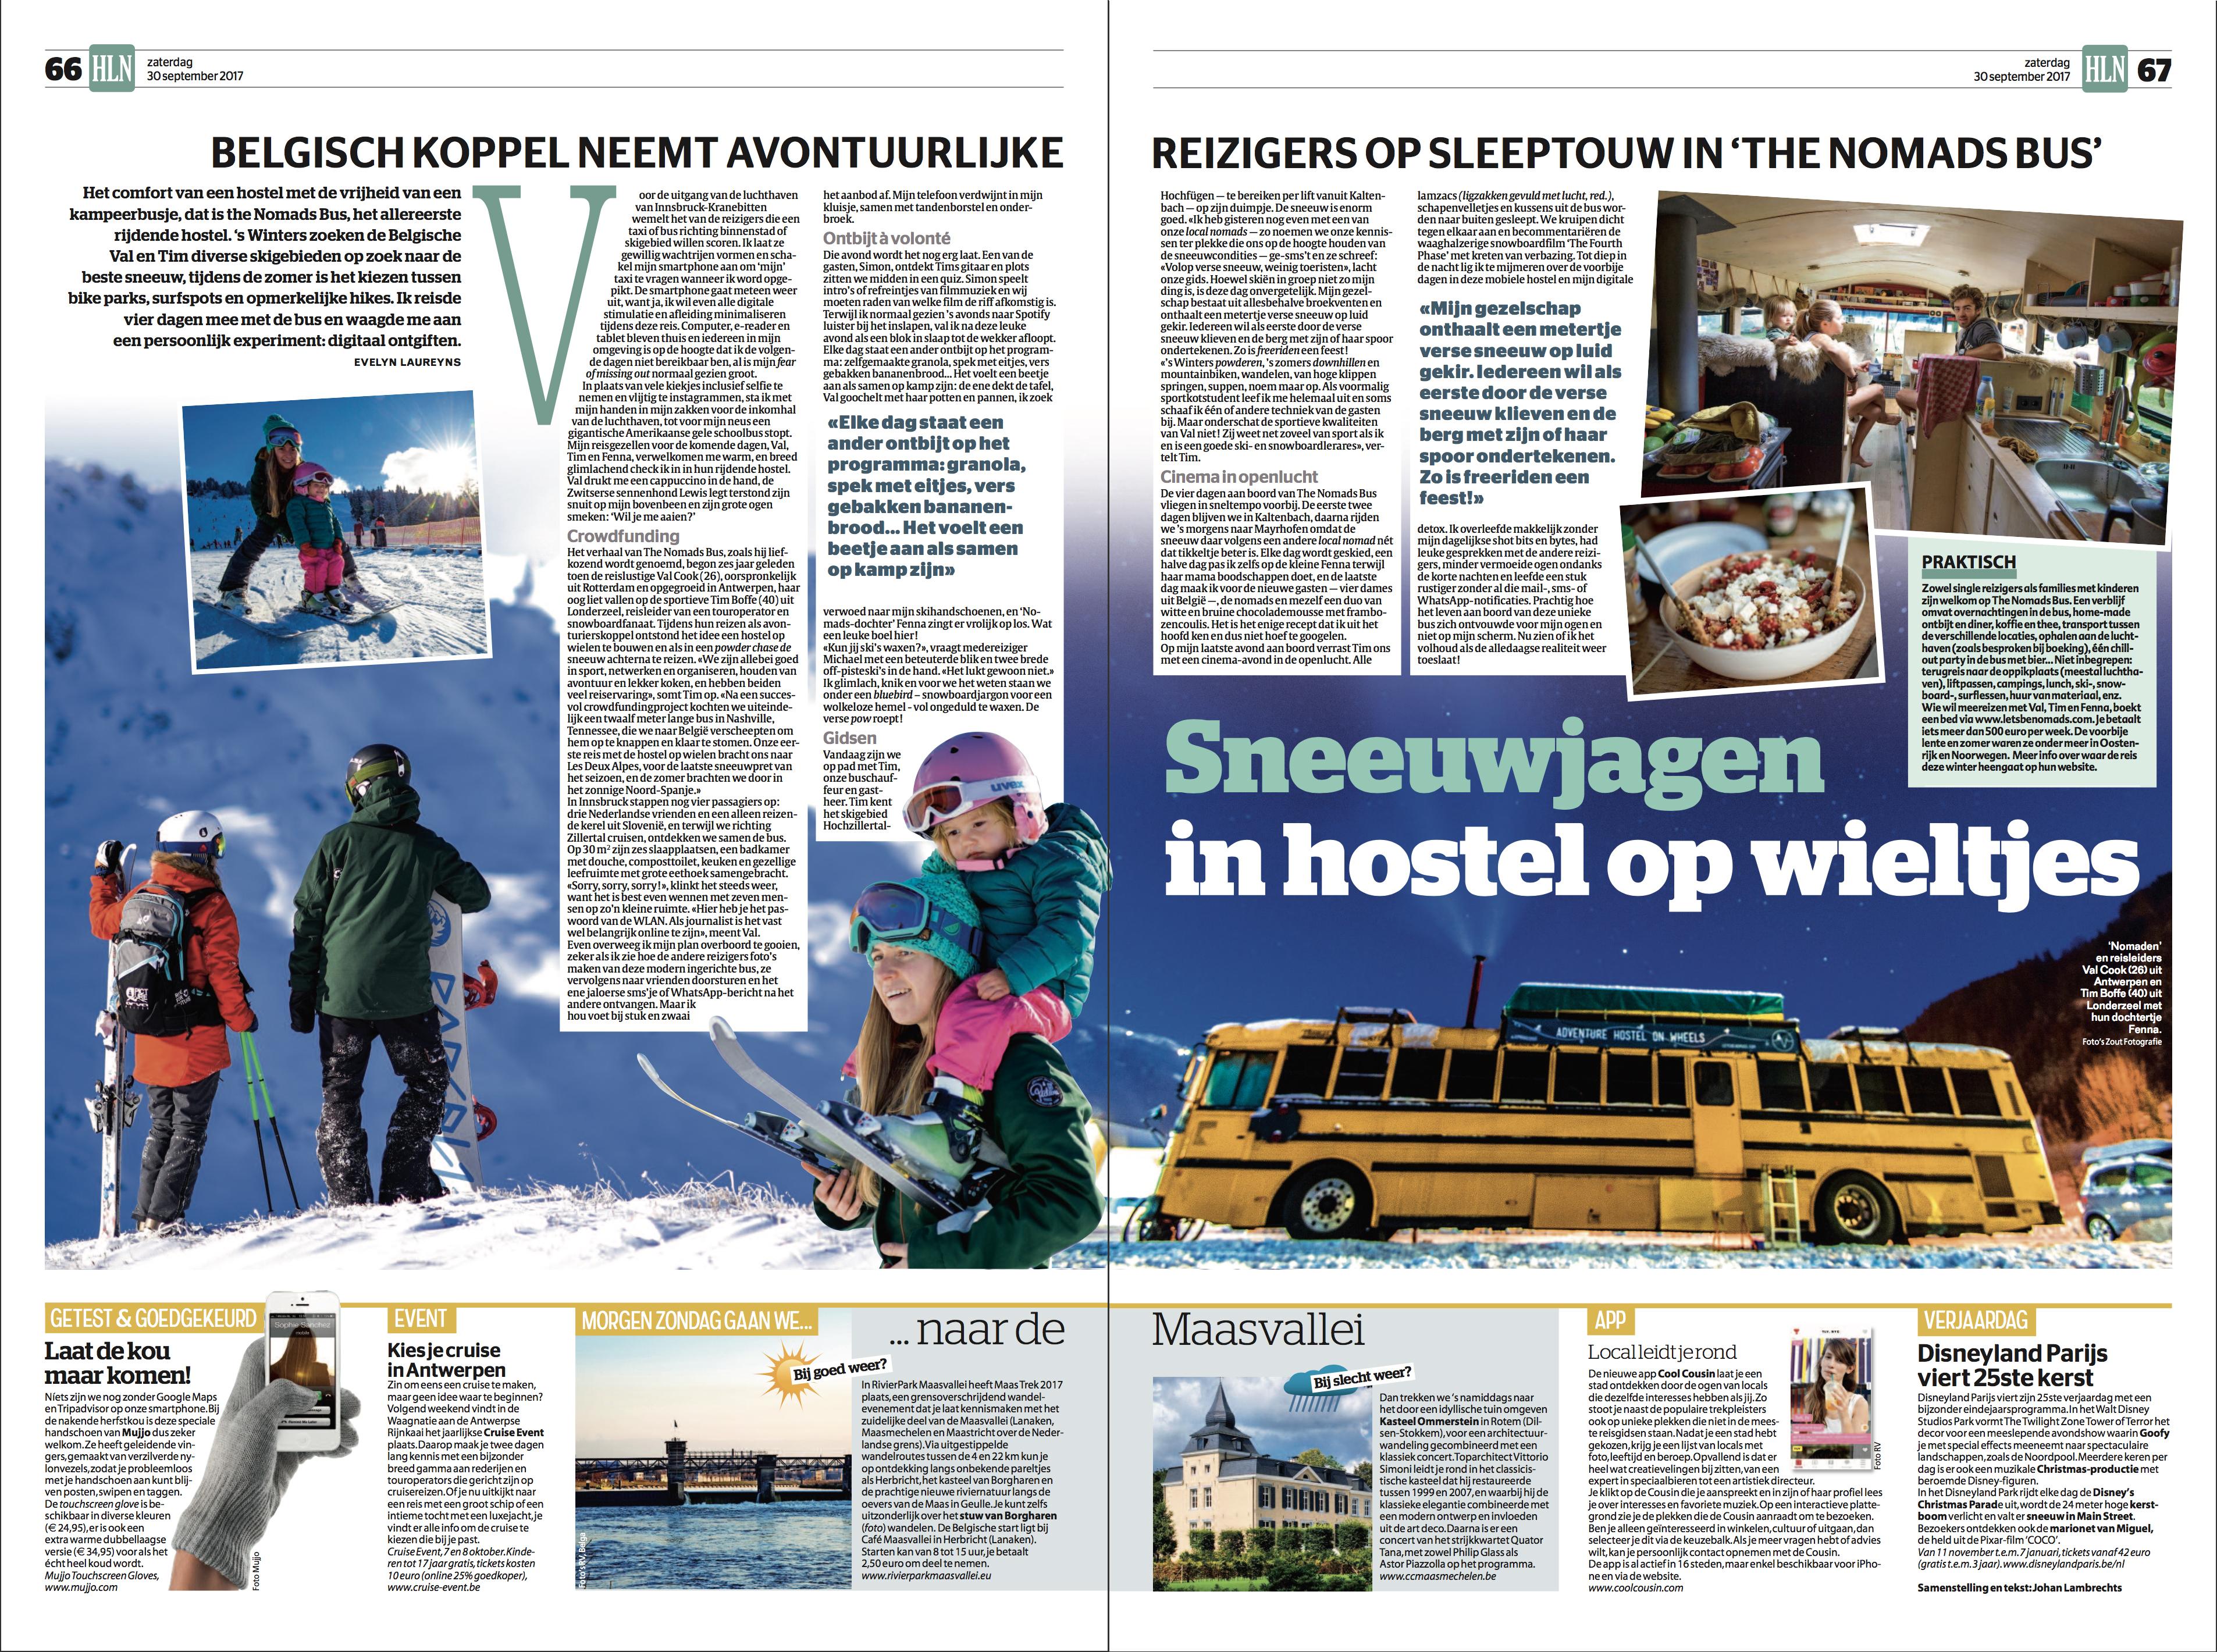 Het Laatste Nieuws - Nomads Bus